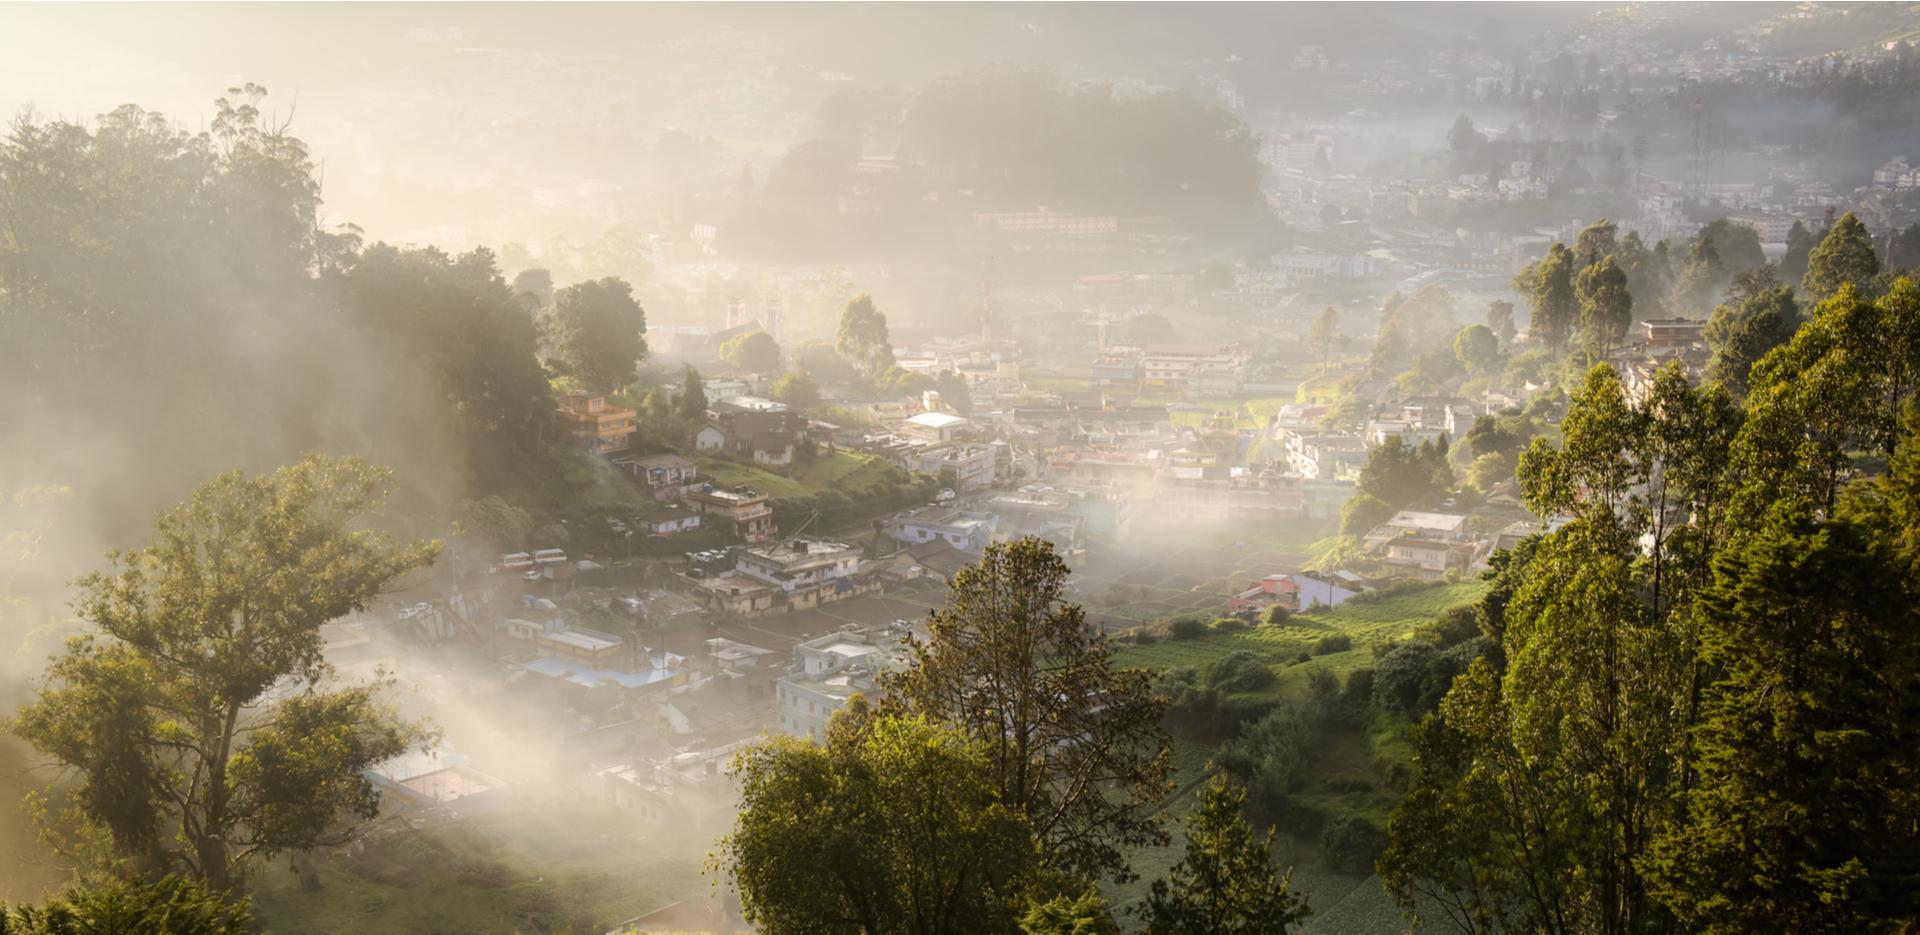 Misty morning in Tamil Nadu